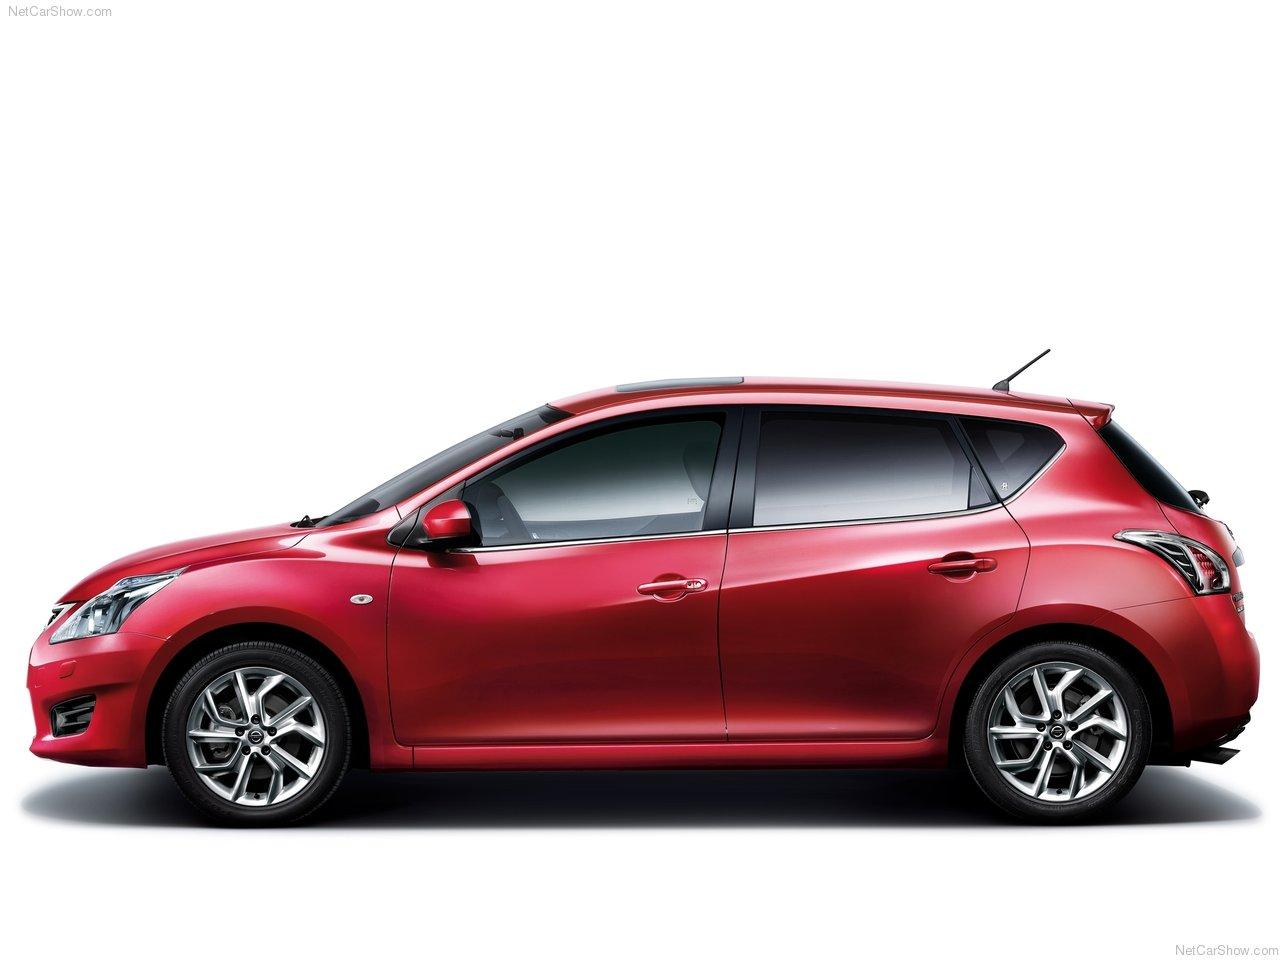 http://4.bp.blogspot.com/-1NQ4bdvTVNM/Ta1mG3FdP_I/AAAAAAAAHVI/Efenc9Fd2tk/s1600/Nissan-Tiida_2012_1280x960_wallpaper_04.jpg